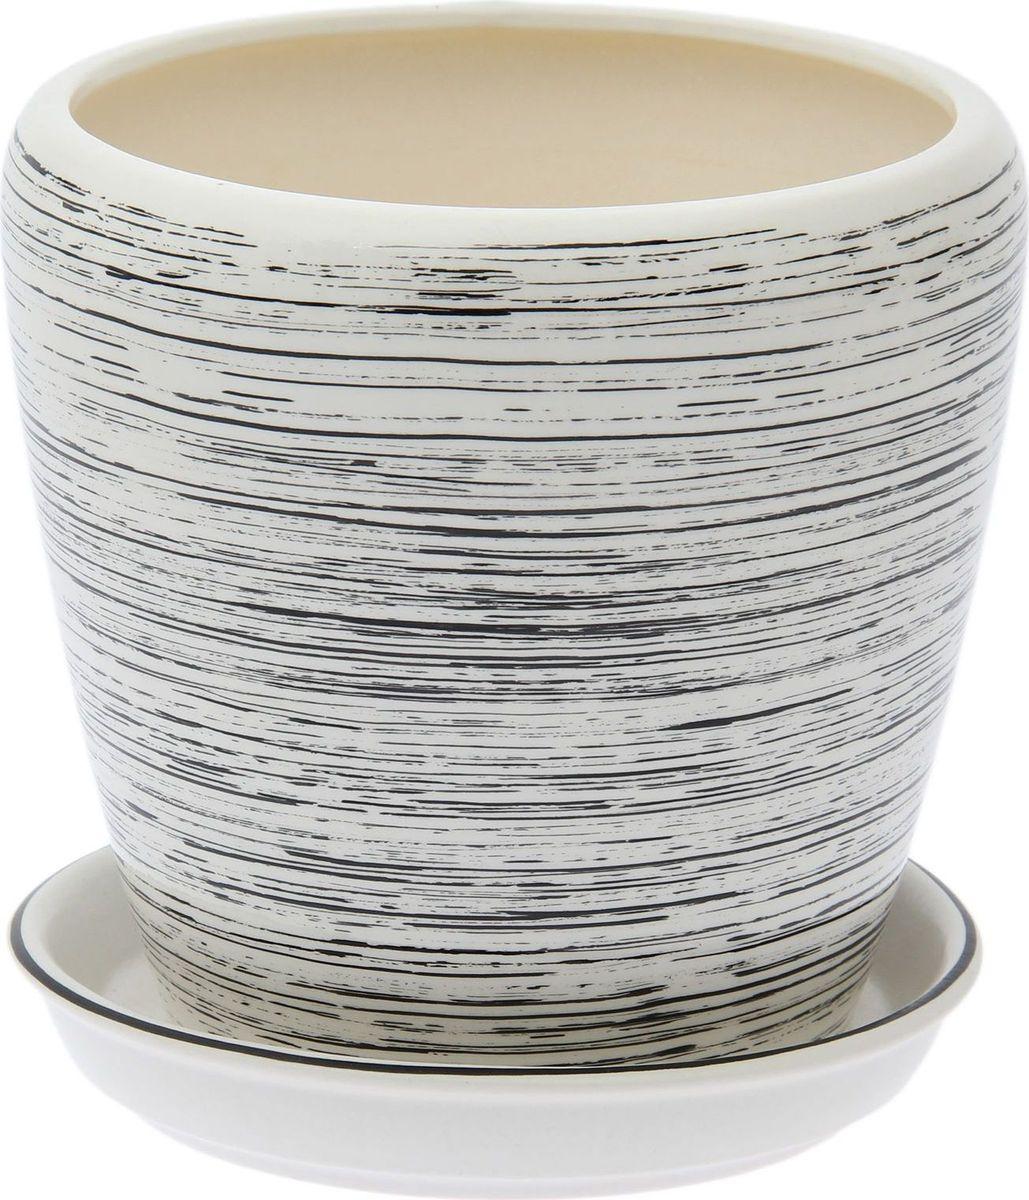 Кашпо Керамика ручной работы Грация. Глянец, цвет: белый, черный, 30 л1489635Комнатные растения — всеобщие любимцы. Они радуют глаз, насыщают помещение кислородом и украшают пространство. Каждому из них необходим свой удобный и красивый дом. Кашпо из керамики прекрасно подходят для высадки растений: за счёт пластичности глины и разных способов обработки существует великое множество форм и дизайновпористый материал позволяет испаряться лишней влагевоздух, необходимый для дыхания корней, проникает сквозь керамические стенки! #name# позаботится о зелёном питомце, освежит интерьер и подчеркнёт его стиль.